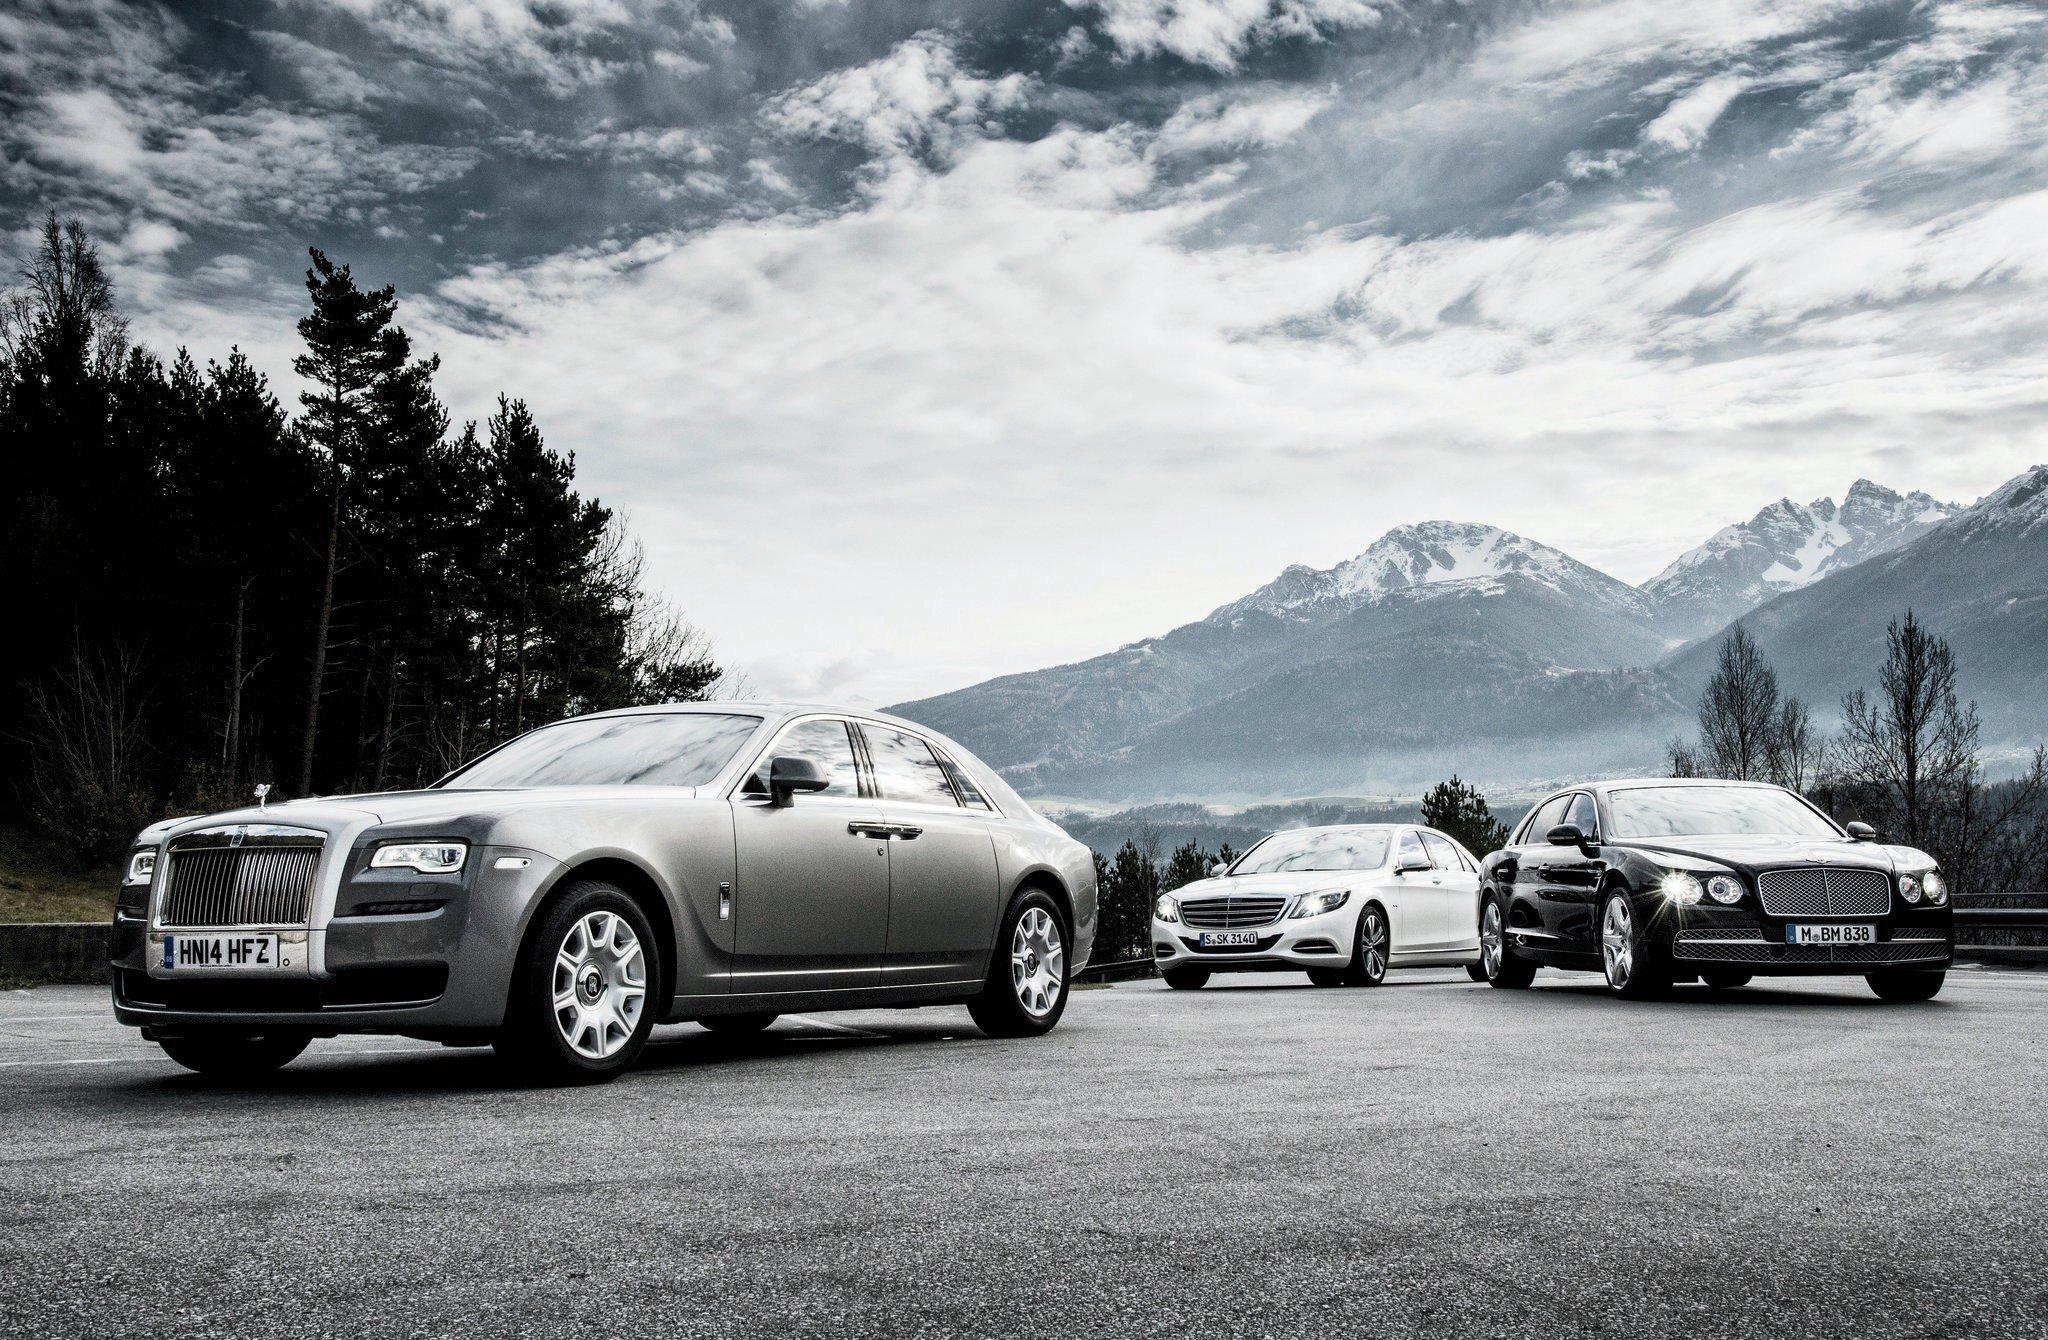 top gear - rolls royce ghost, bentley mulsanne & mercedes s65 amg